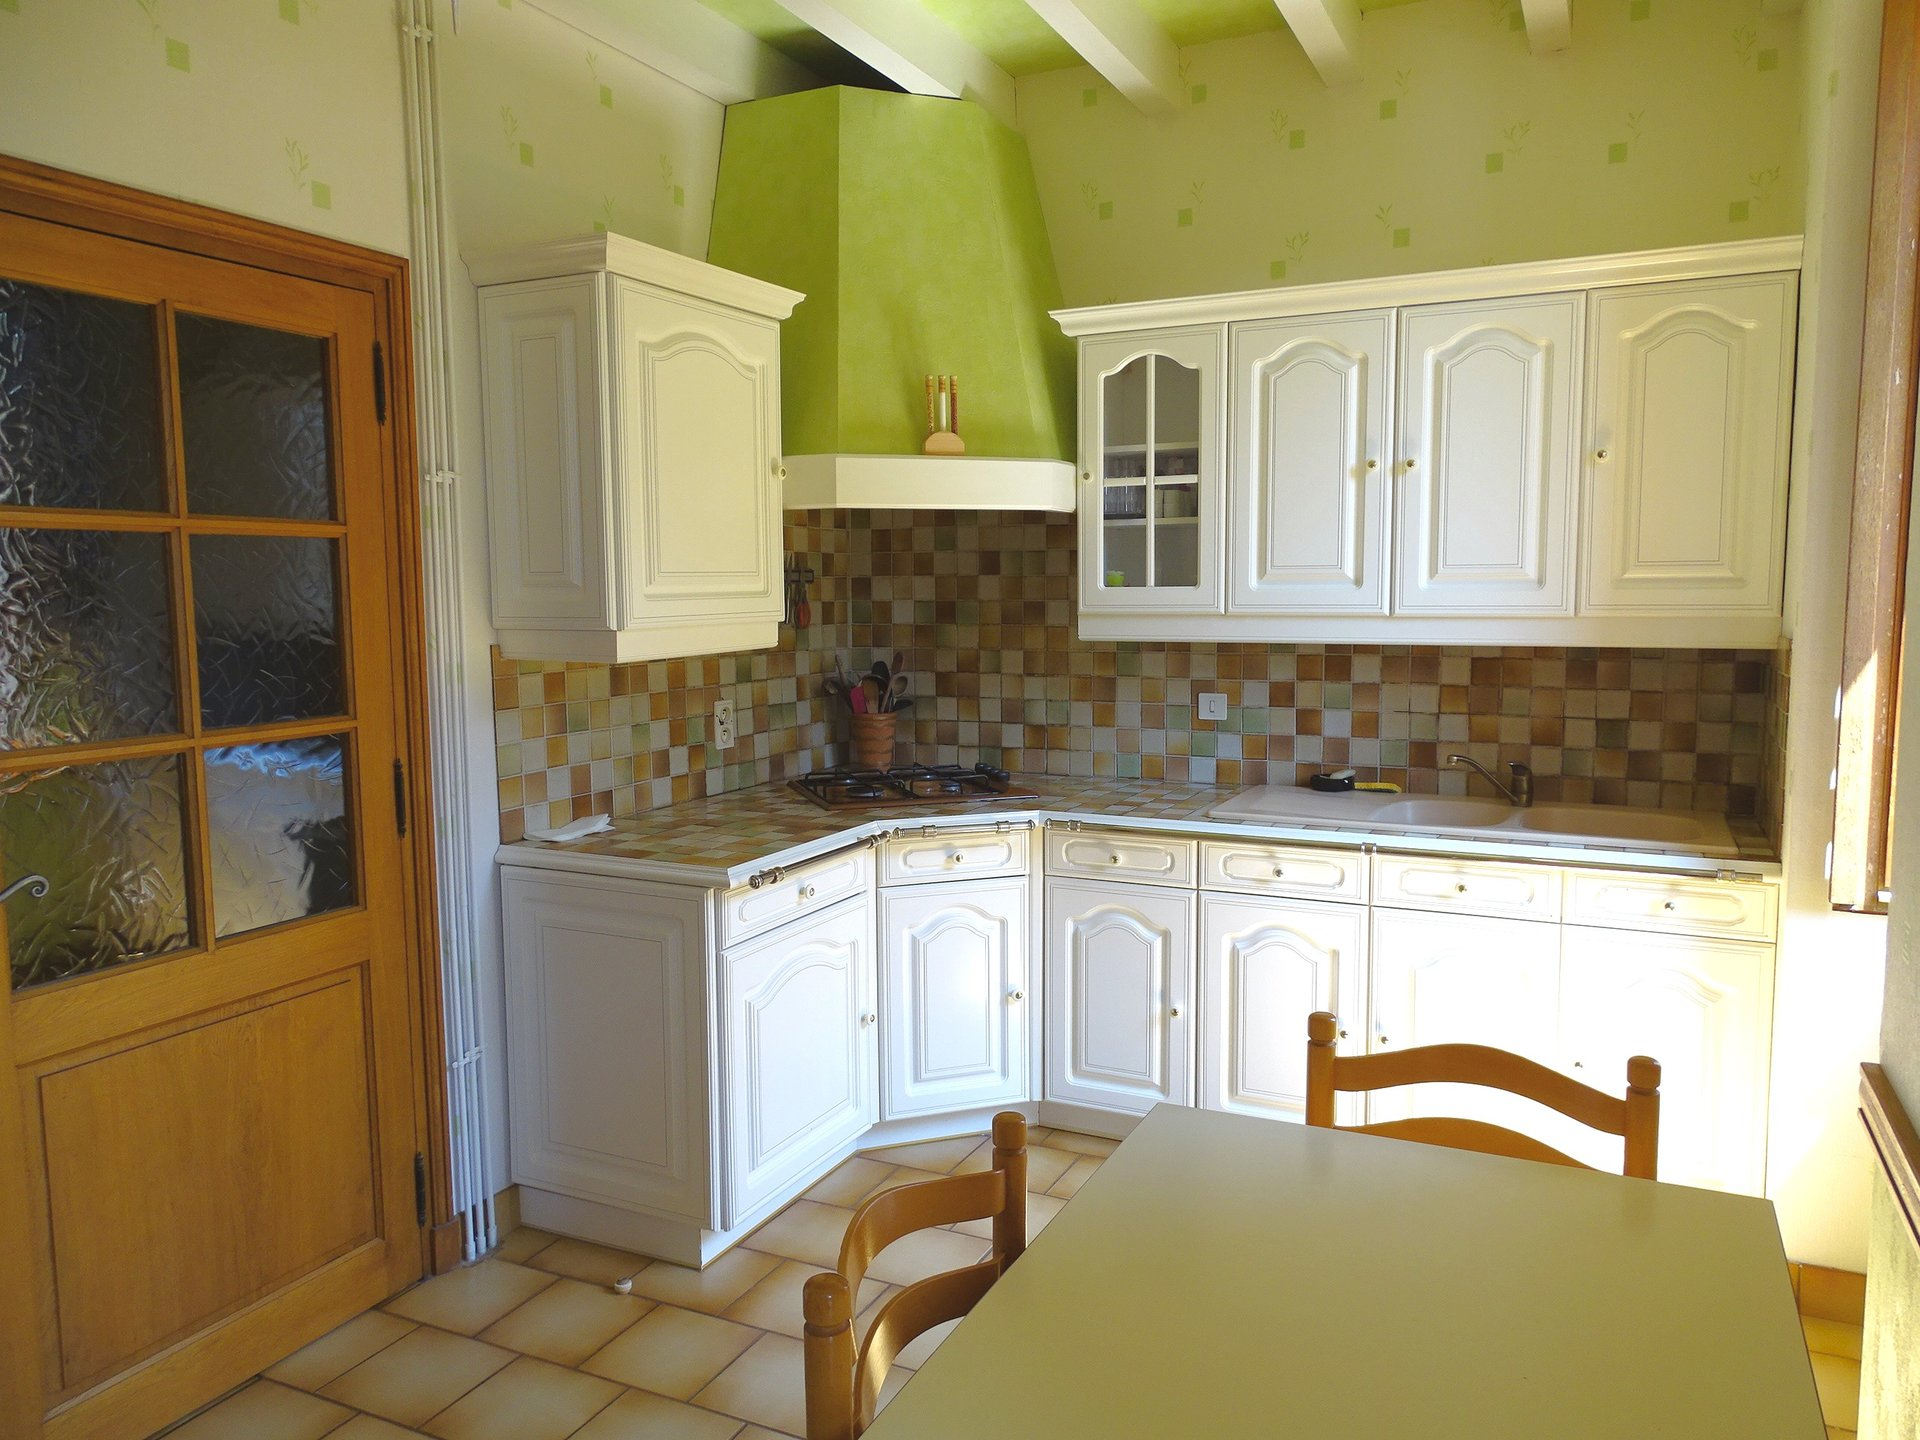 Dans un cadre bucolique, à 20 min de Mâcon, belle maison Mâconnaise en pierre de caractère d?environ 170 m2 habitable. Située dans les hauteurs dans le bourg du village, exposée sud-ouest, vous profitez d?une vue imprenable sur la forêt vallonnée des monts du haut Mâconnais.   Elle se compose d?un salon avec cheminée et plafond à la Française, d?une cuisine indépendante avec garde-manger attenant, d?une salle à manger aussi avec sa cheminée et d?une salle d?eau avec douche et toilette.  Le premier étage se compose de 5 grandes chambres, une salle de bain avec baignoire et wc séparé.   Un jardin clôt et arboré où vous pourrez profitez de sa terrasse à la vue magnifique et reposante.  Prestations supplémentaires : abris pour voiture, atelier, cave.Commerces et services à 2 km, autoroute A6 à 15 km.  Très belle opportunité ! À visiter sans tarder !  Honoraires à la charge du vendeur.